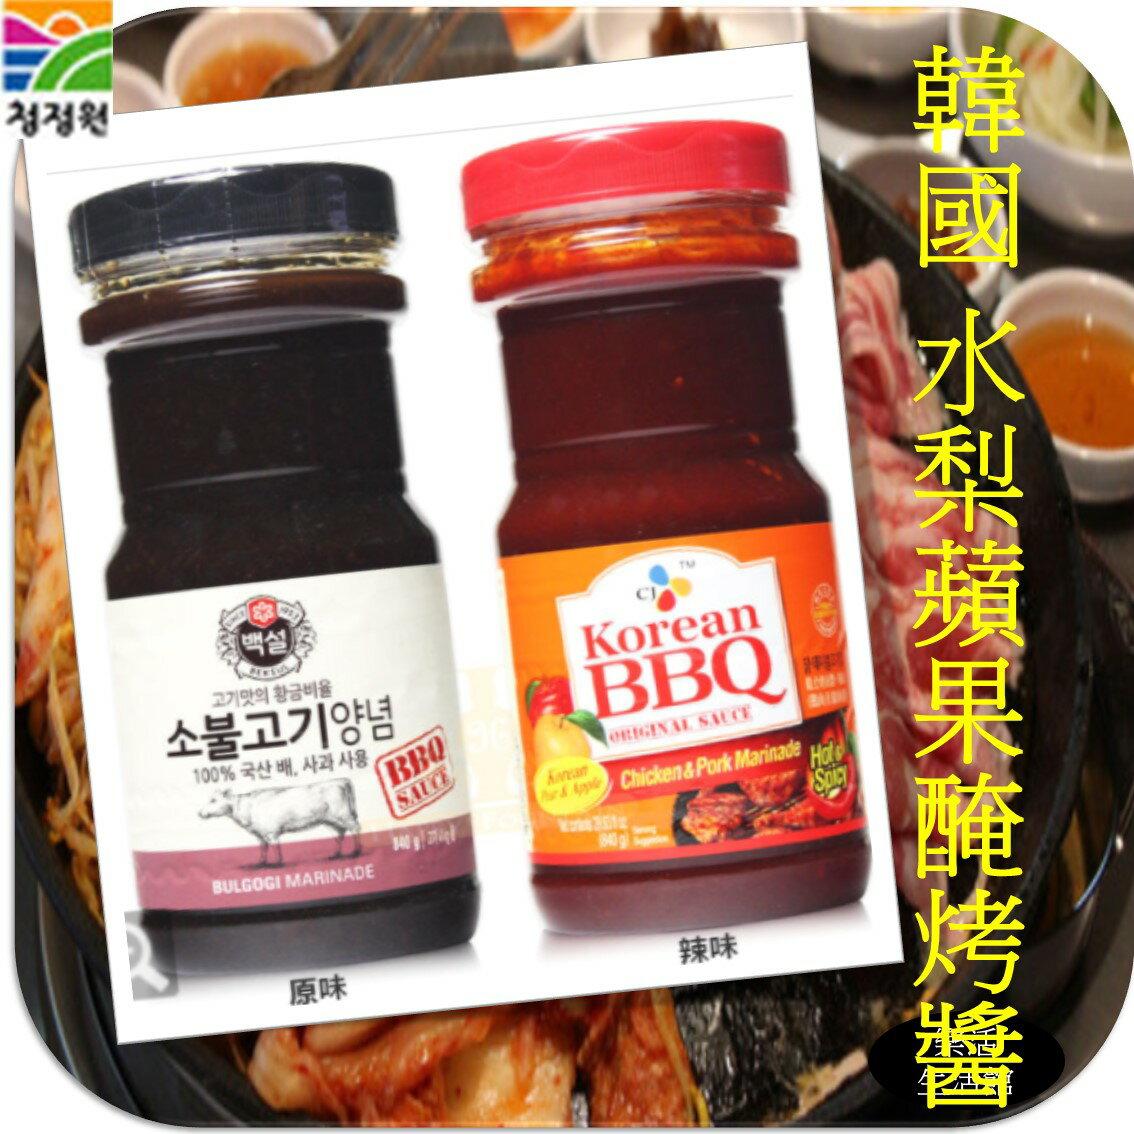 韓式頂級水梨蘋果燒醃烤醬 水梨醬 烤肉醬 燒肉醬 - 原味/辣味 * 1 罐 (CJ&韓式大象兩品牌隨機出貨) 【樂活生活館】